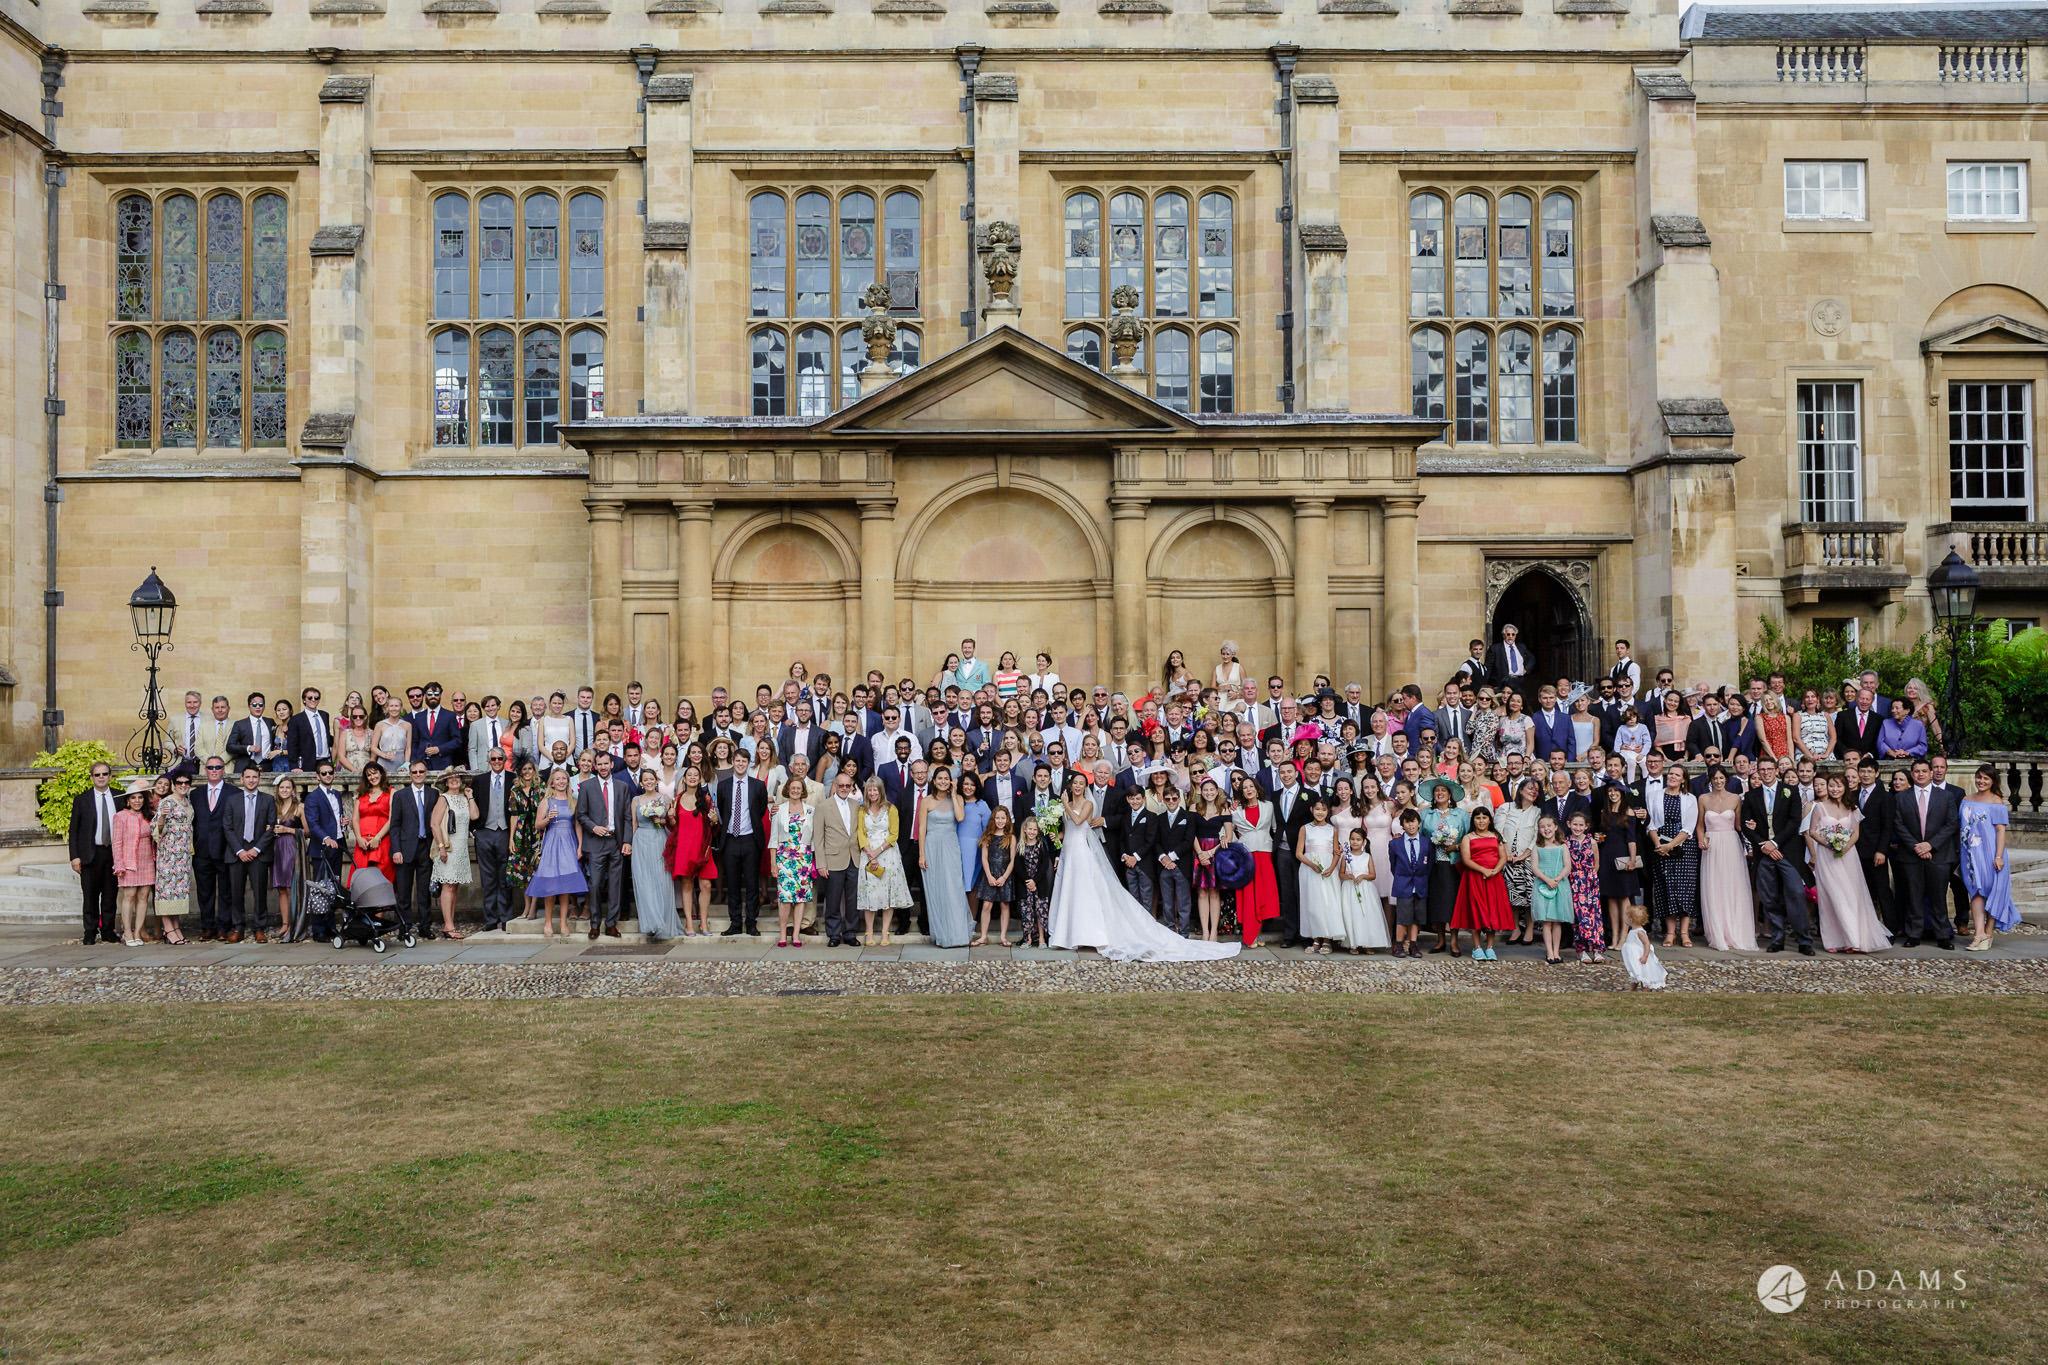 Trinity College Cambridge wedding group photo